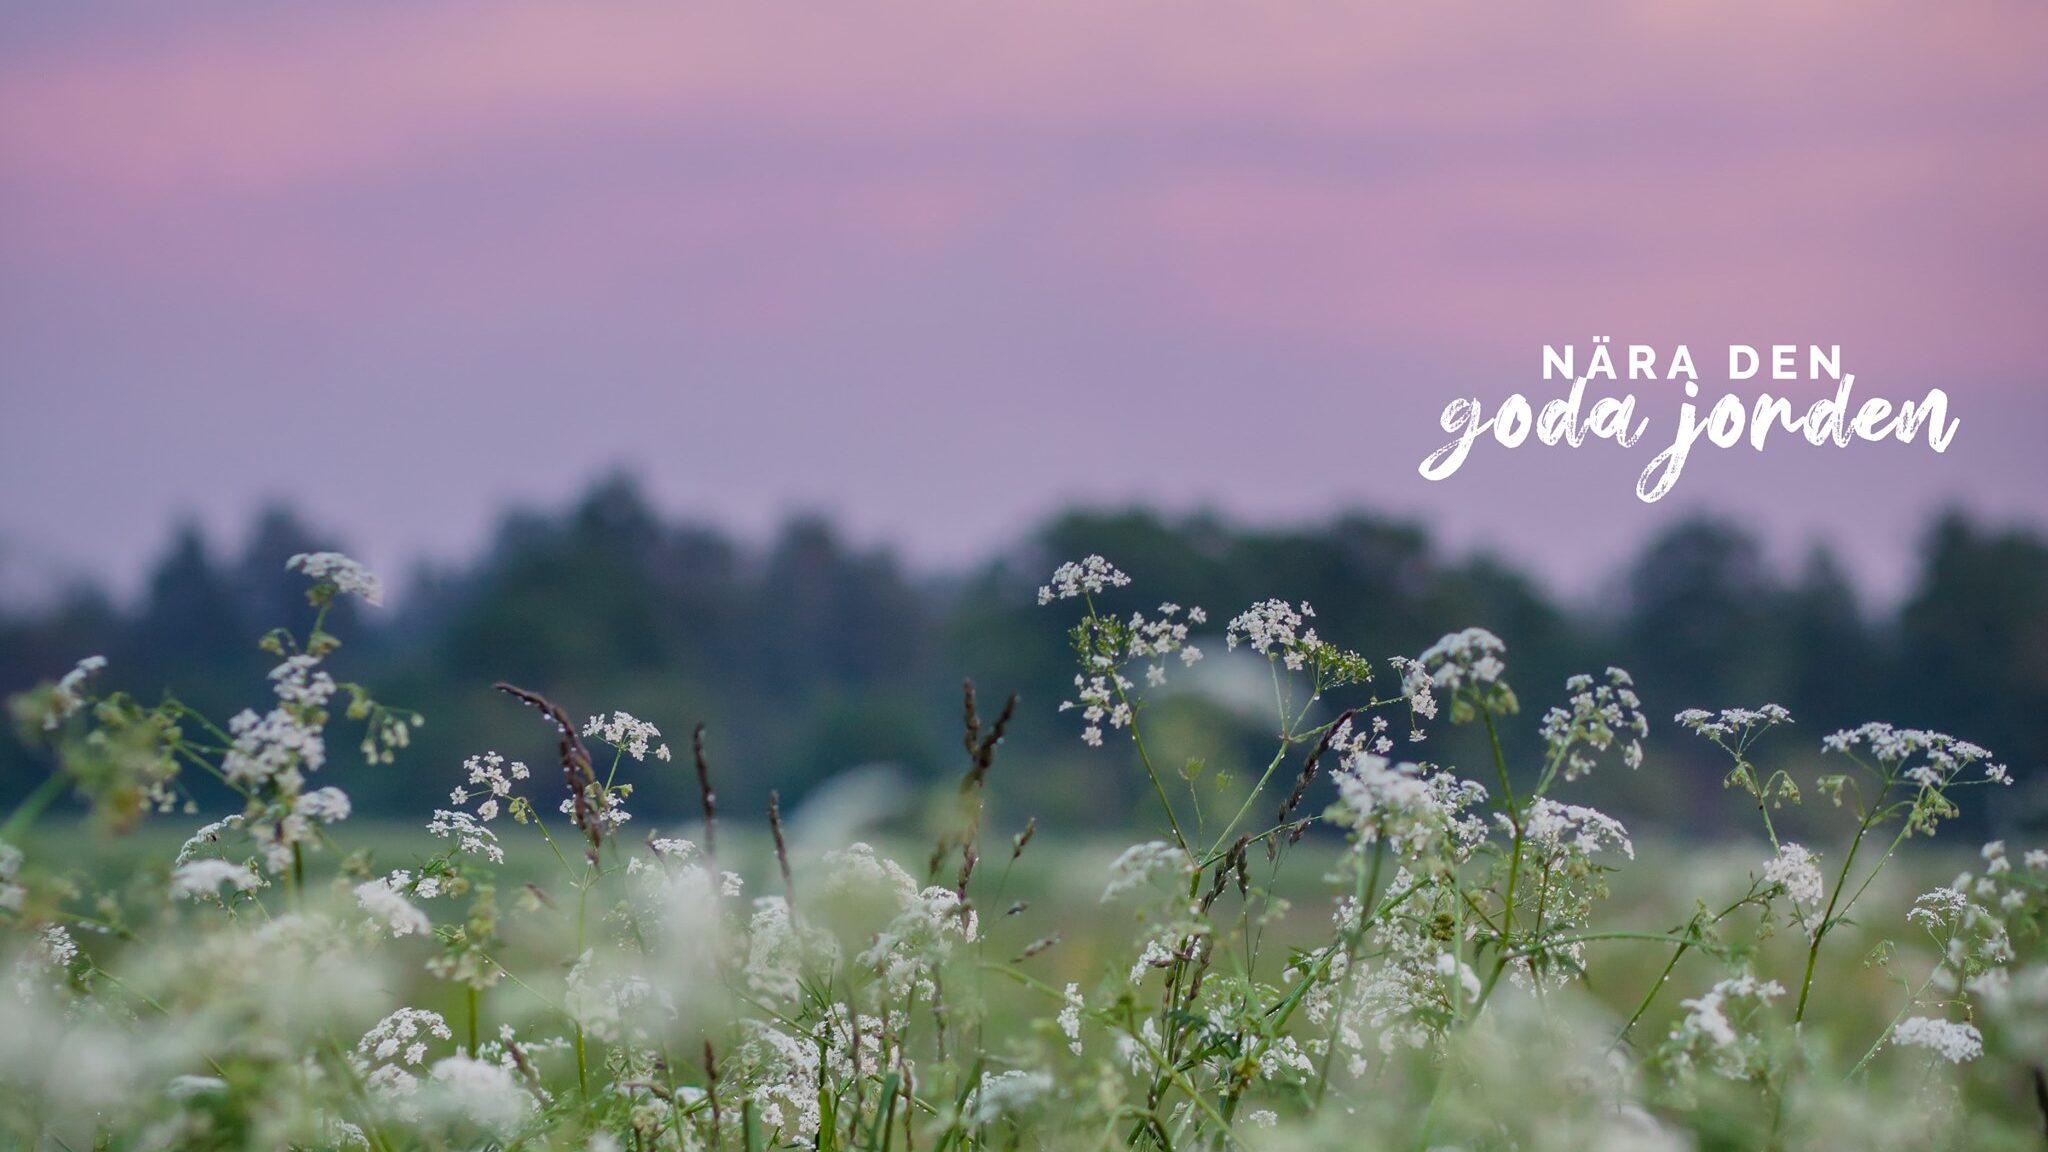 blomsteräng i solnedgång - den goda jorden